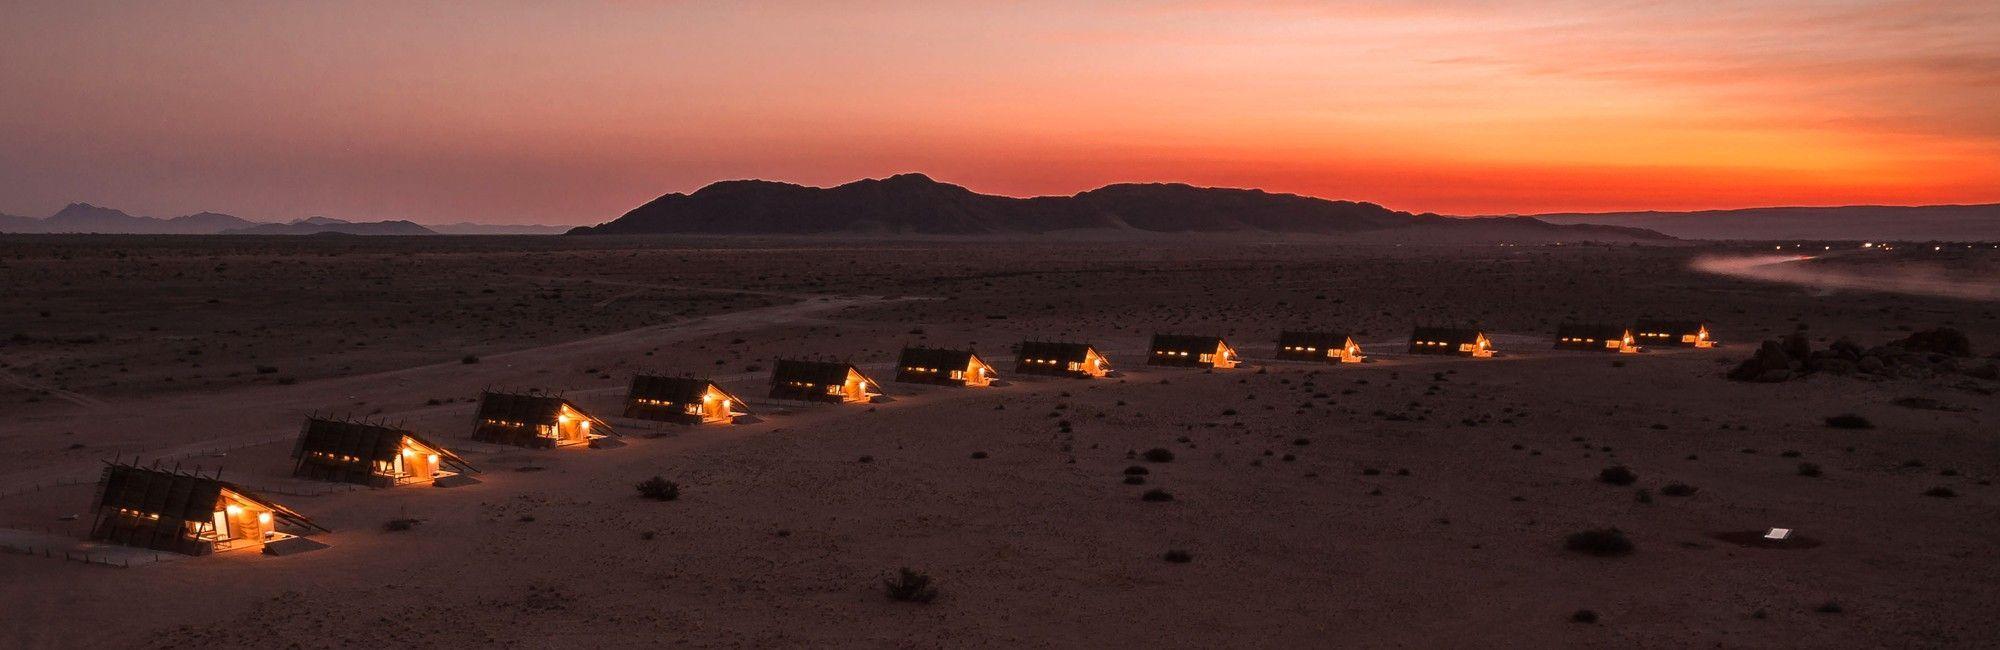 Selfdrive Namibie: Natuur, Cultuur en Safari